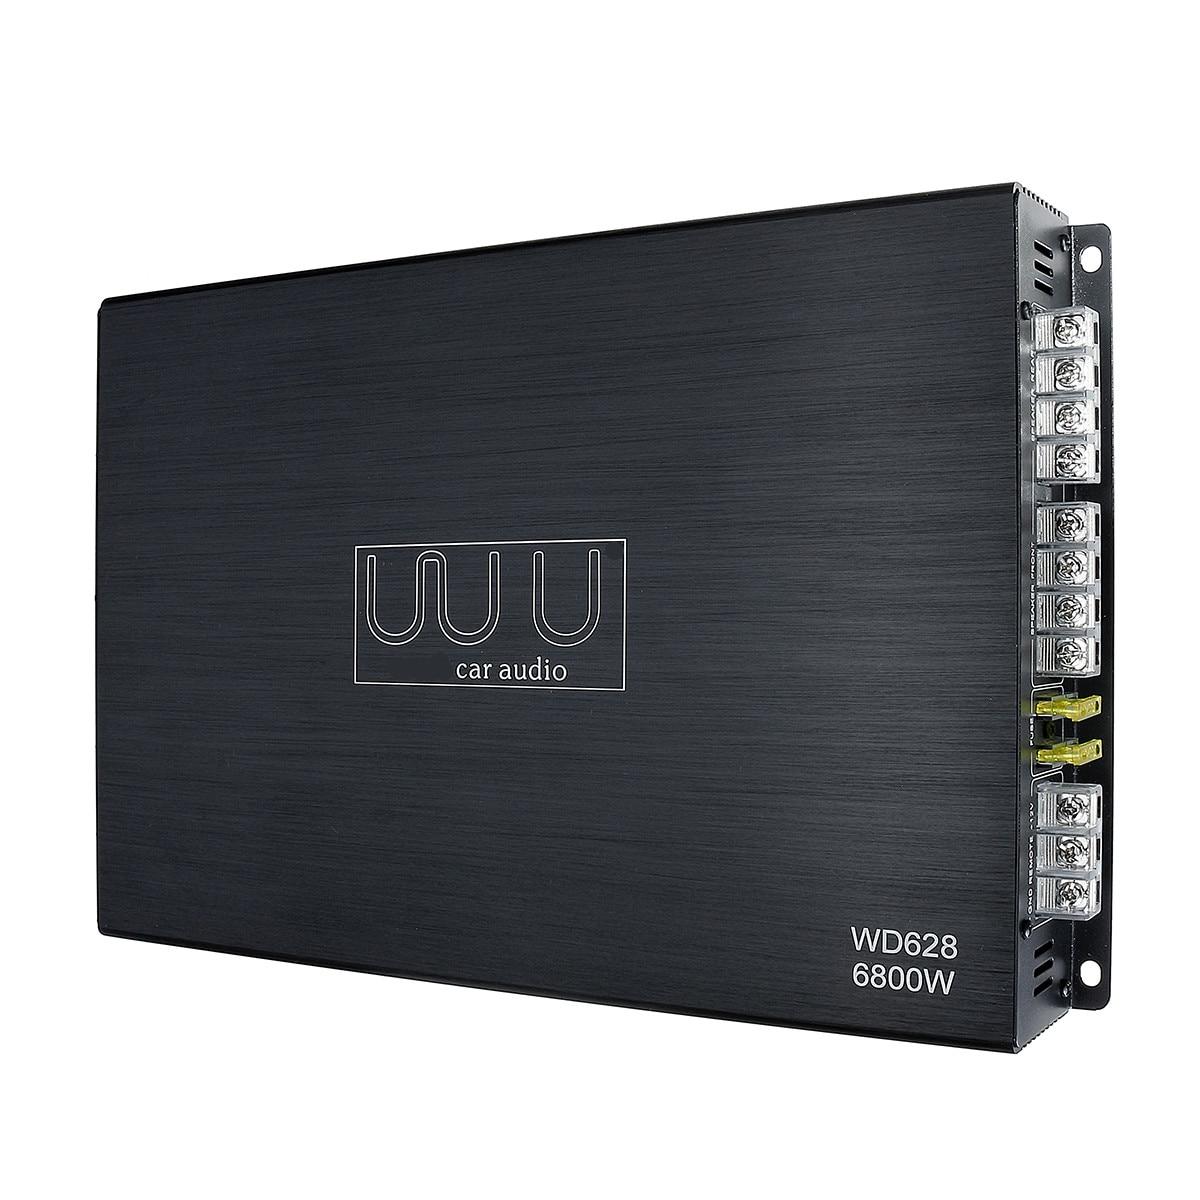 DC 12 V 6800 Watt 4 canaux amplificateur de voiture Audio stéréo haut-parleur de basse voiture amplificateurs Audio Subwoofer voiture amplificateurs Audio - 5